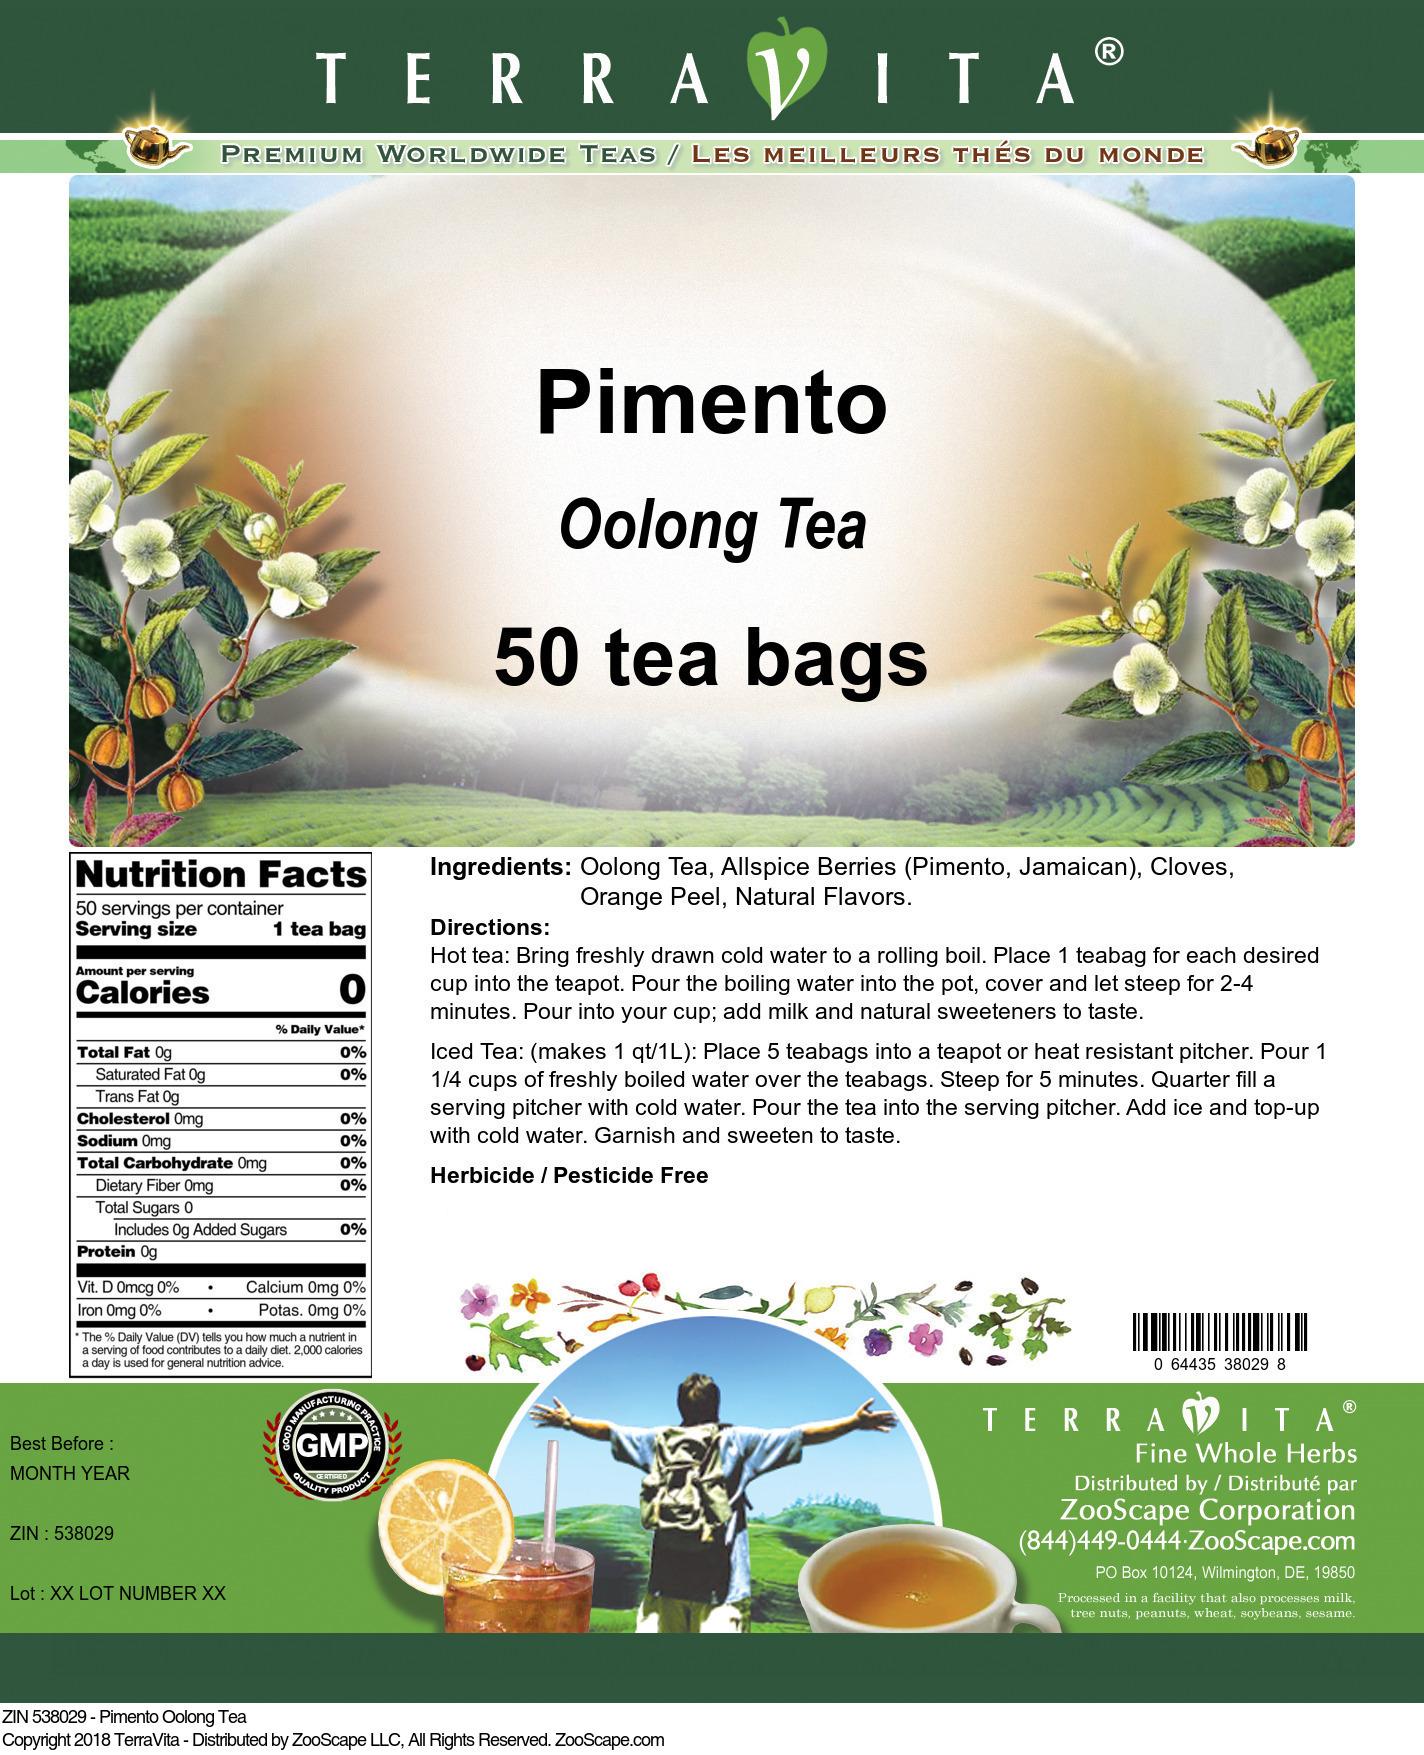 Pimento Oolong Tea